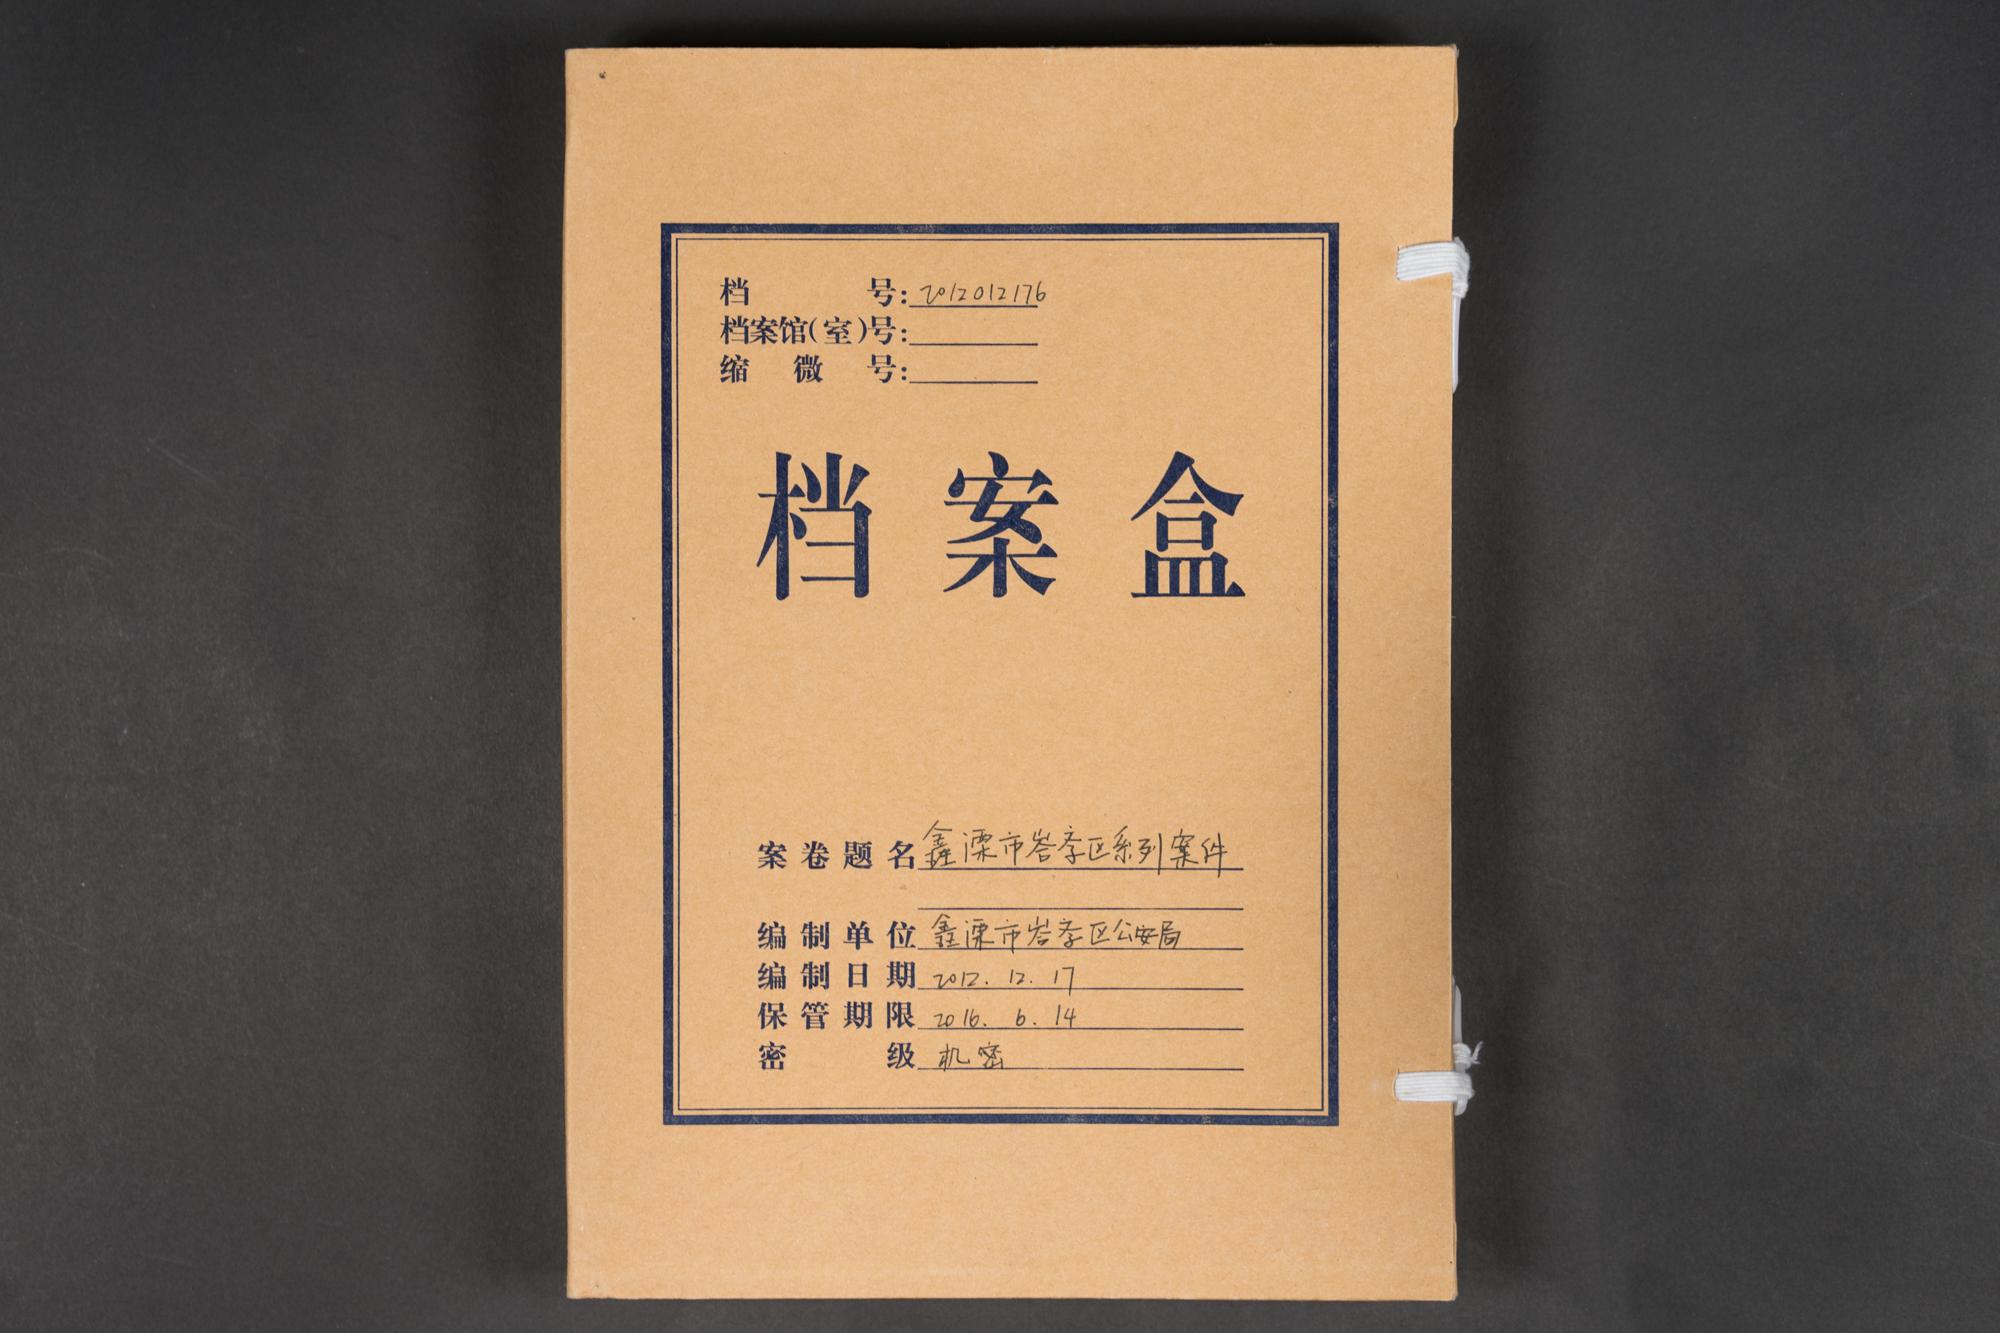 张瀚文-00-1.jpg